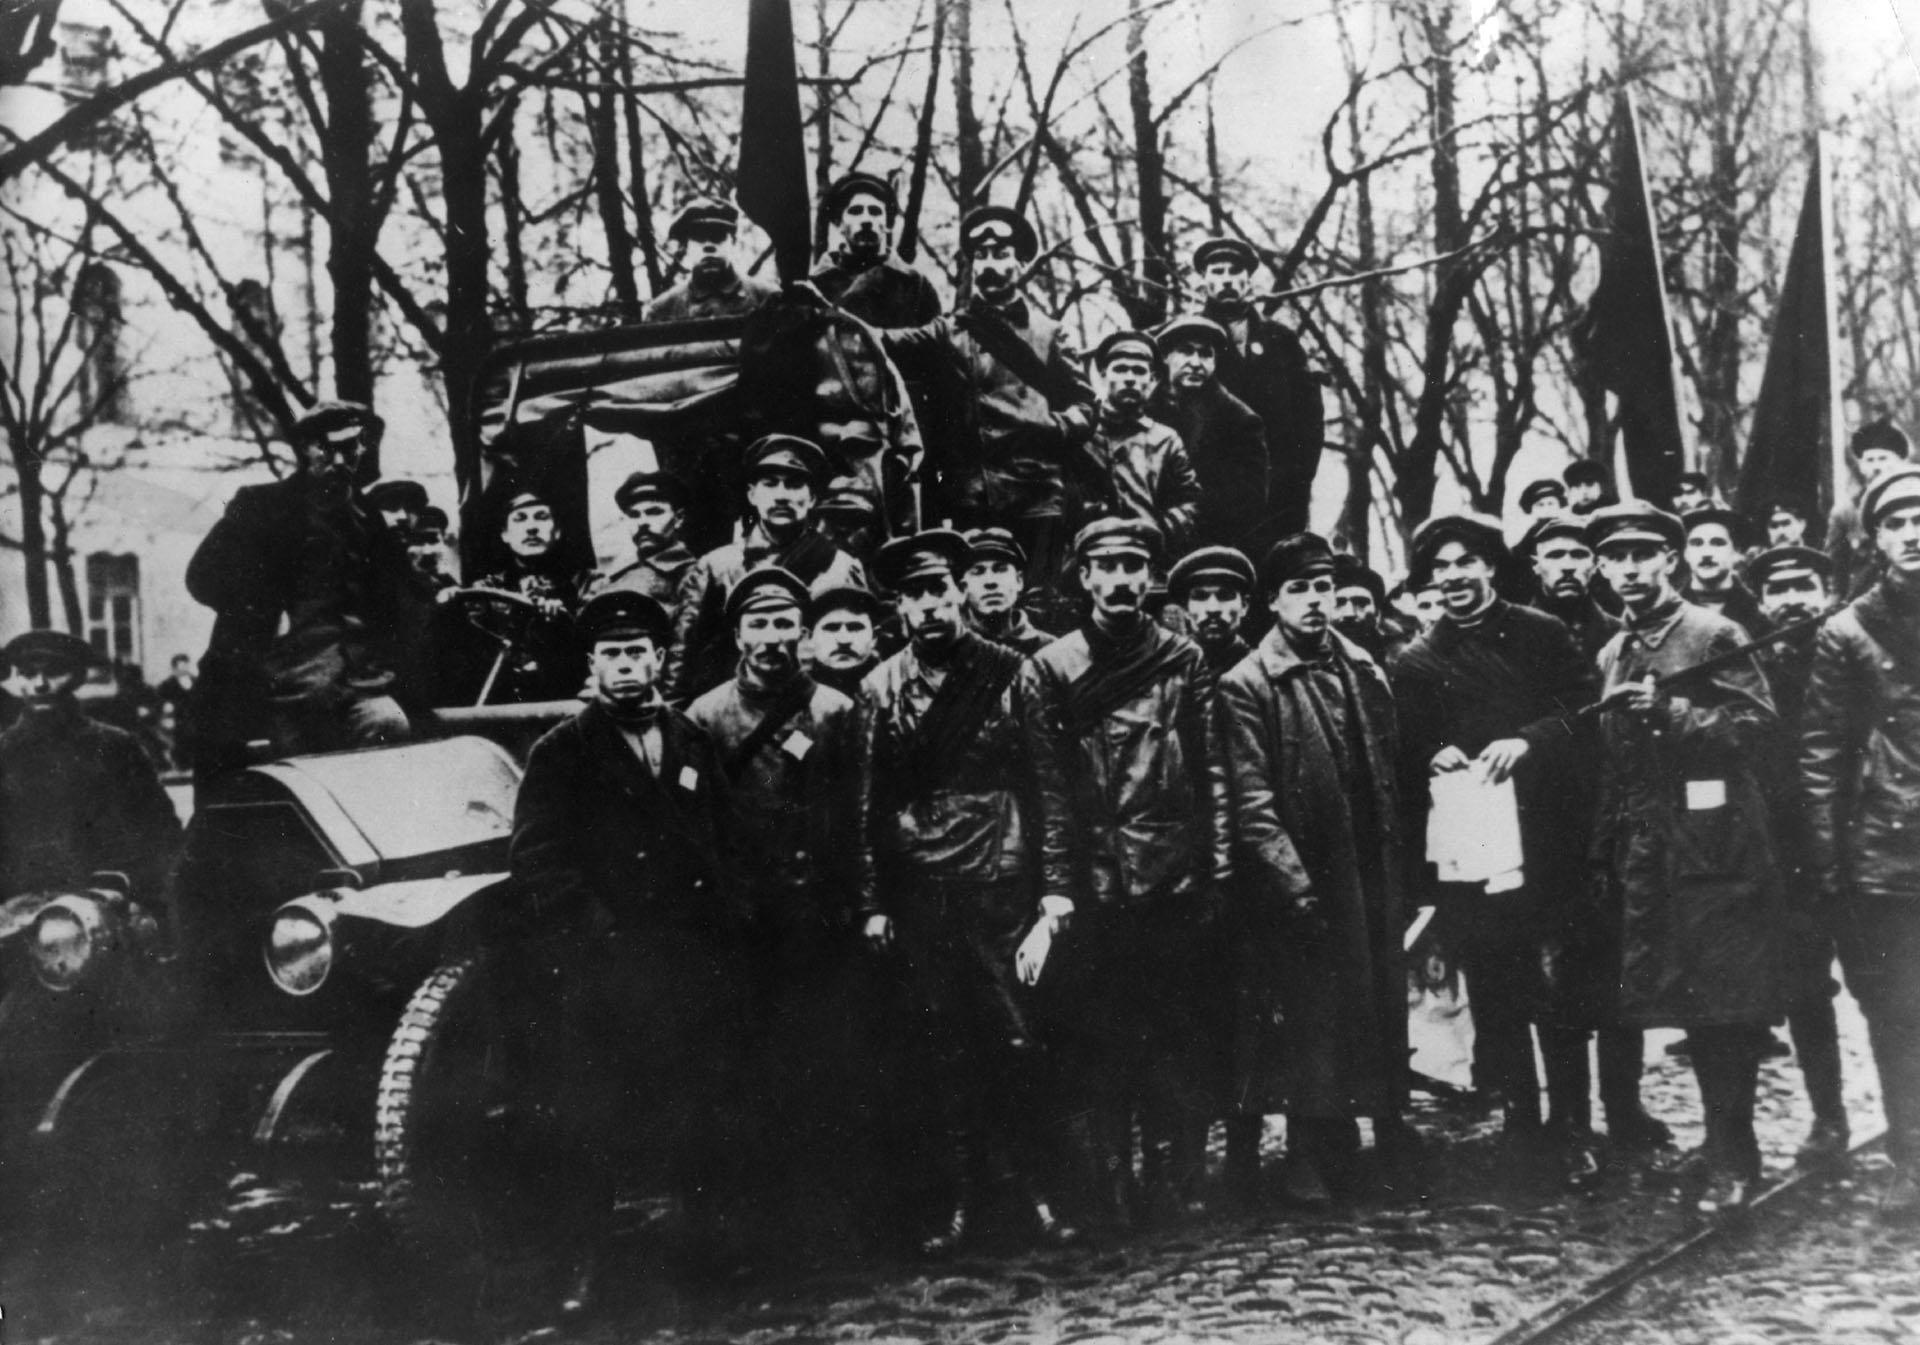 Octubre de 1917: Soldados del Ejérctio rojo avanzan sobre Moscú.